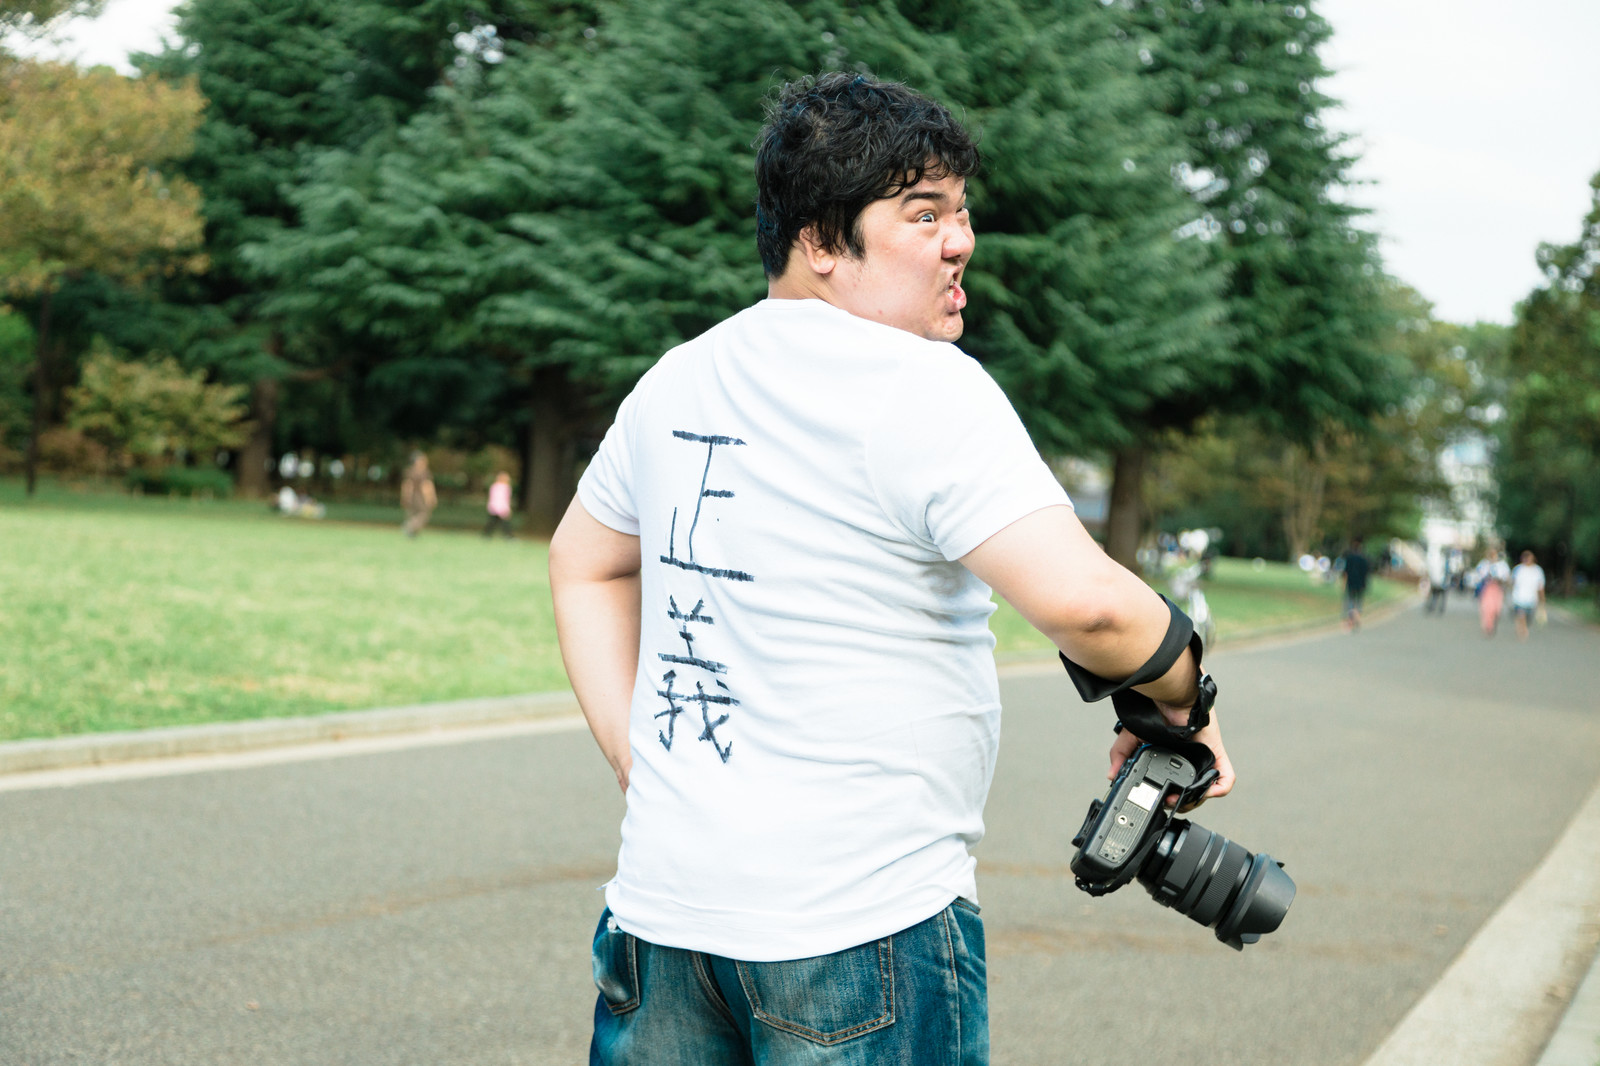 「指摘したら逆ギレしてきカメラマン」の写真[モデル:段田隼人]